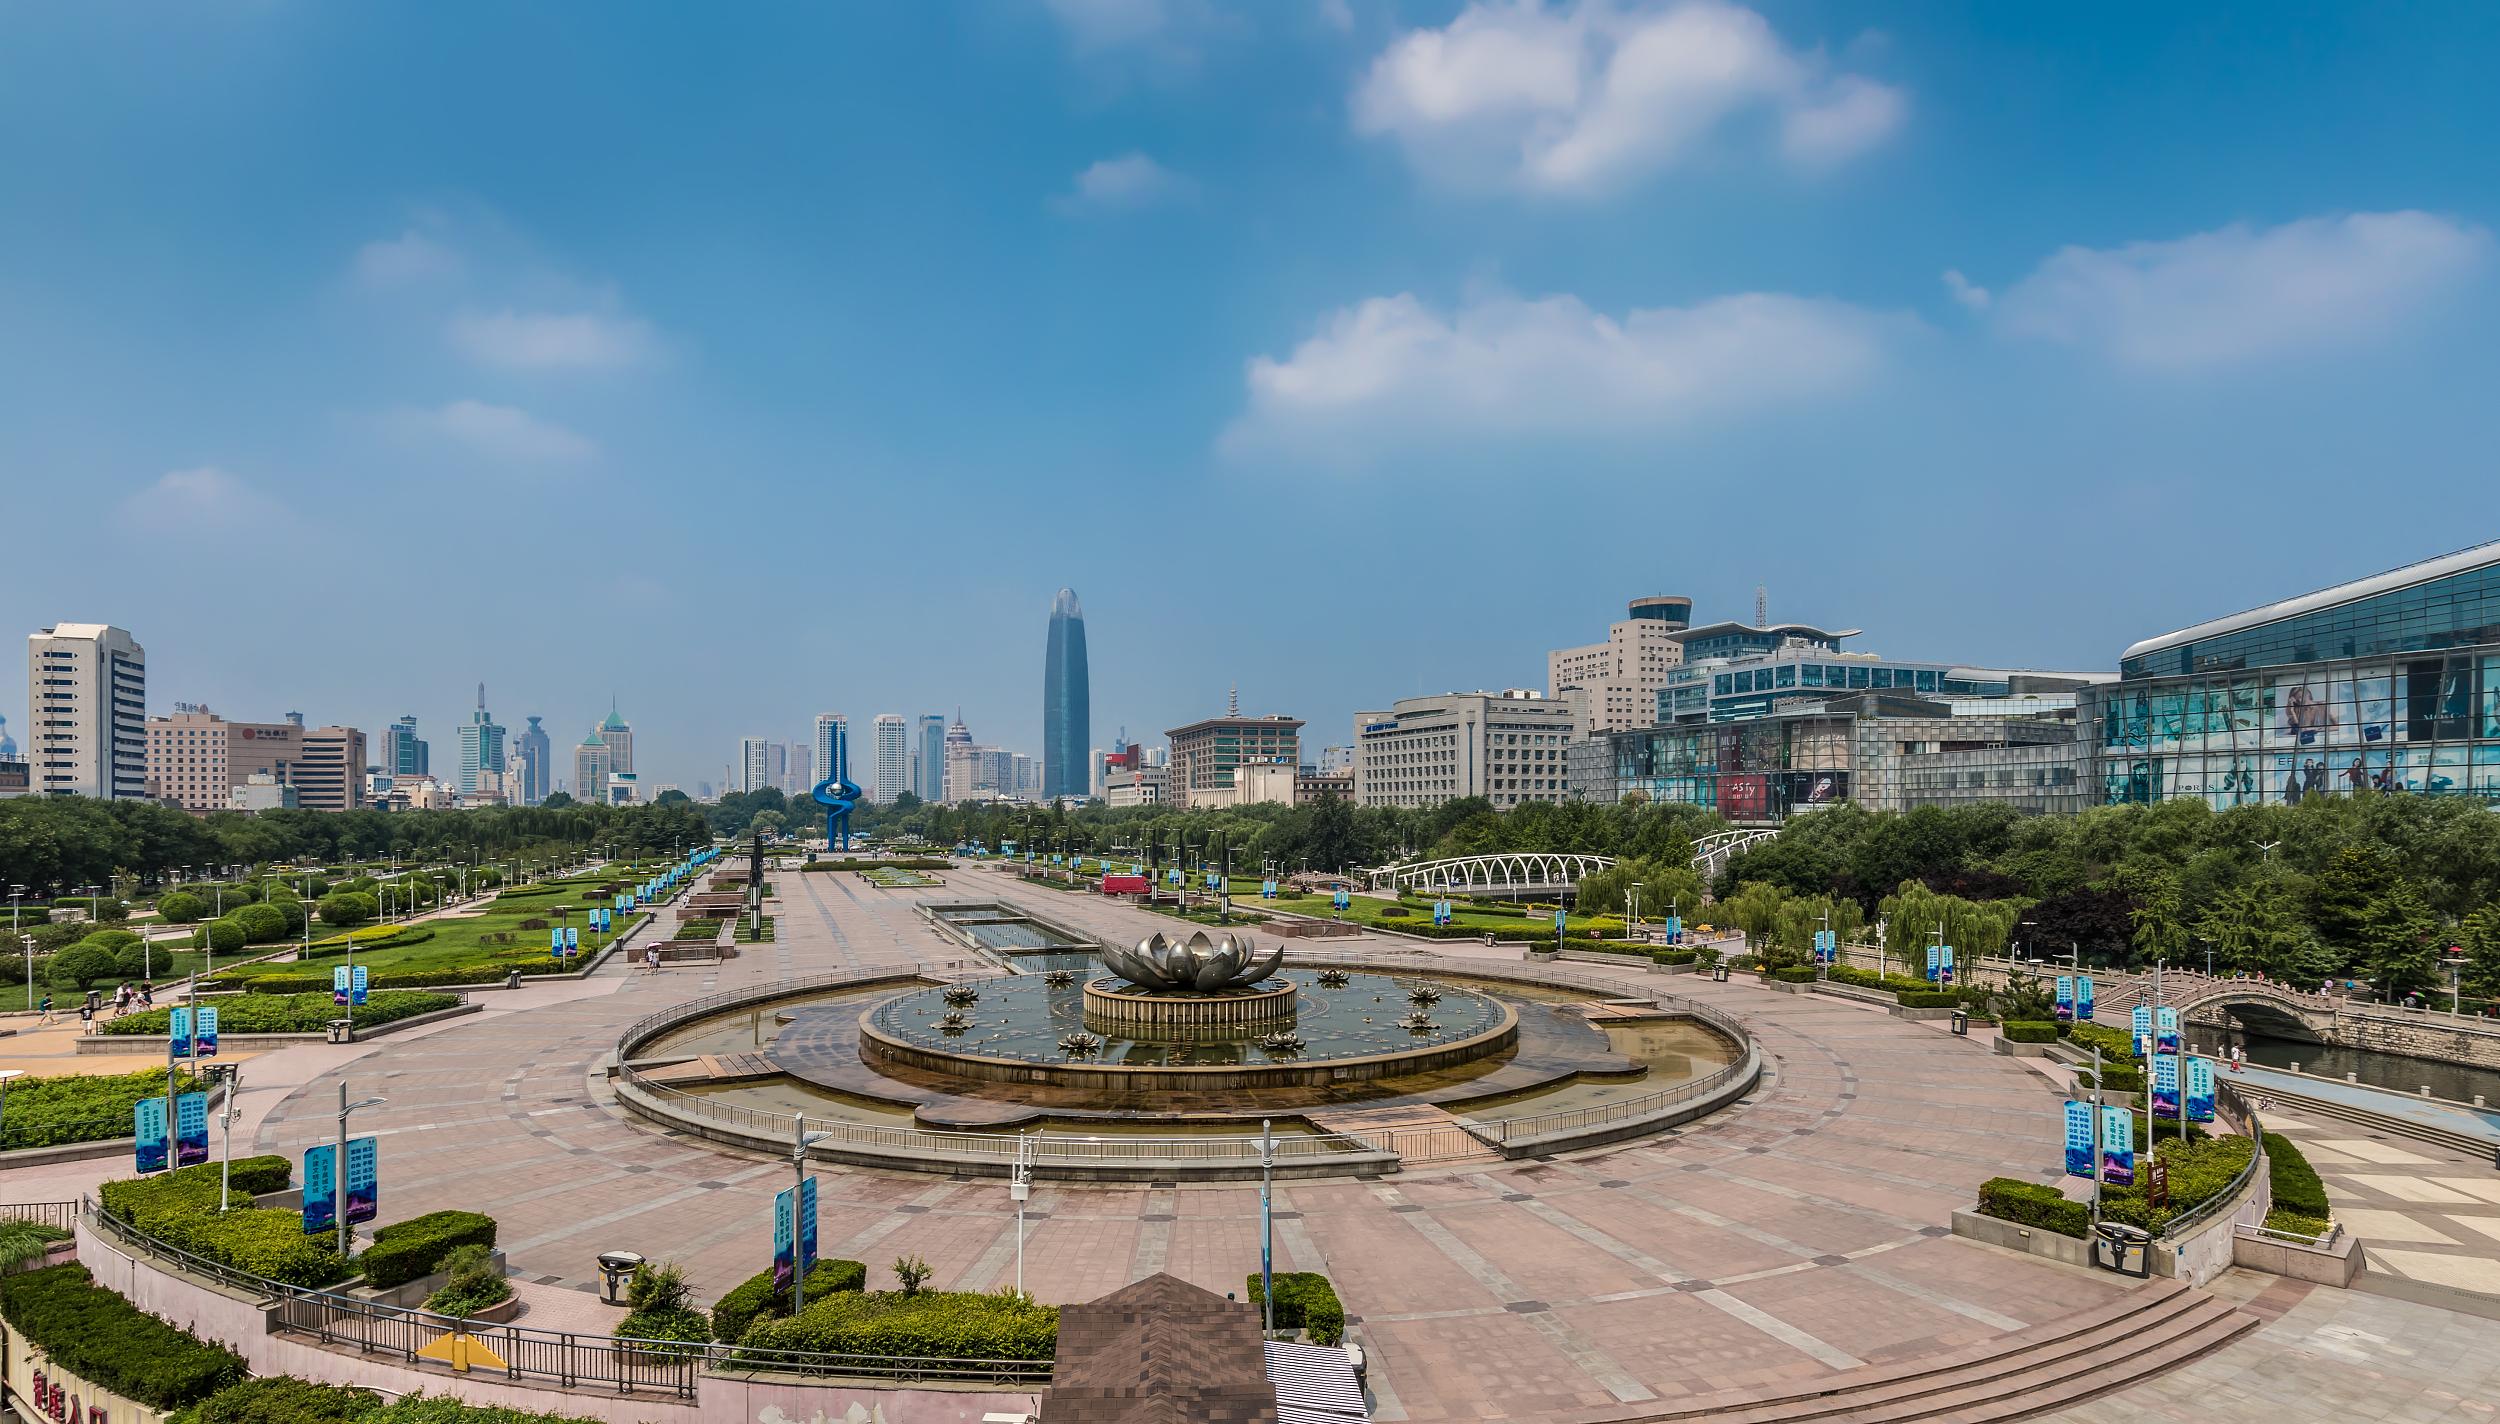 济南居全国第一!5月全国重点旅游城市文旅传播指数榜发布